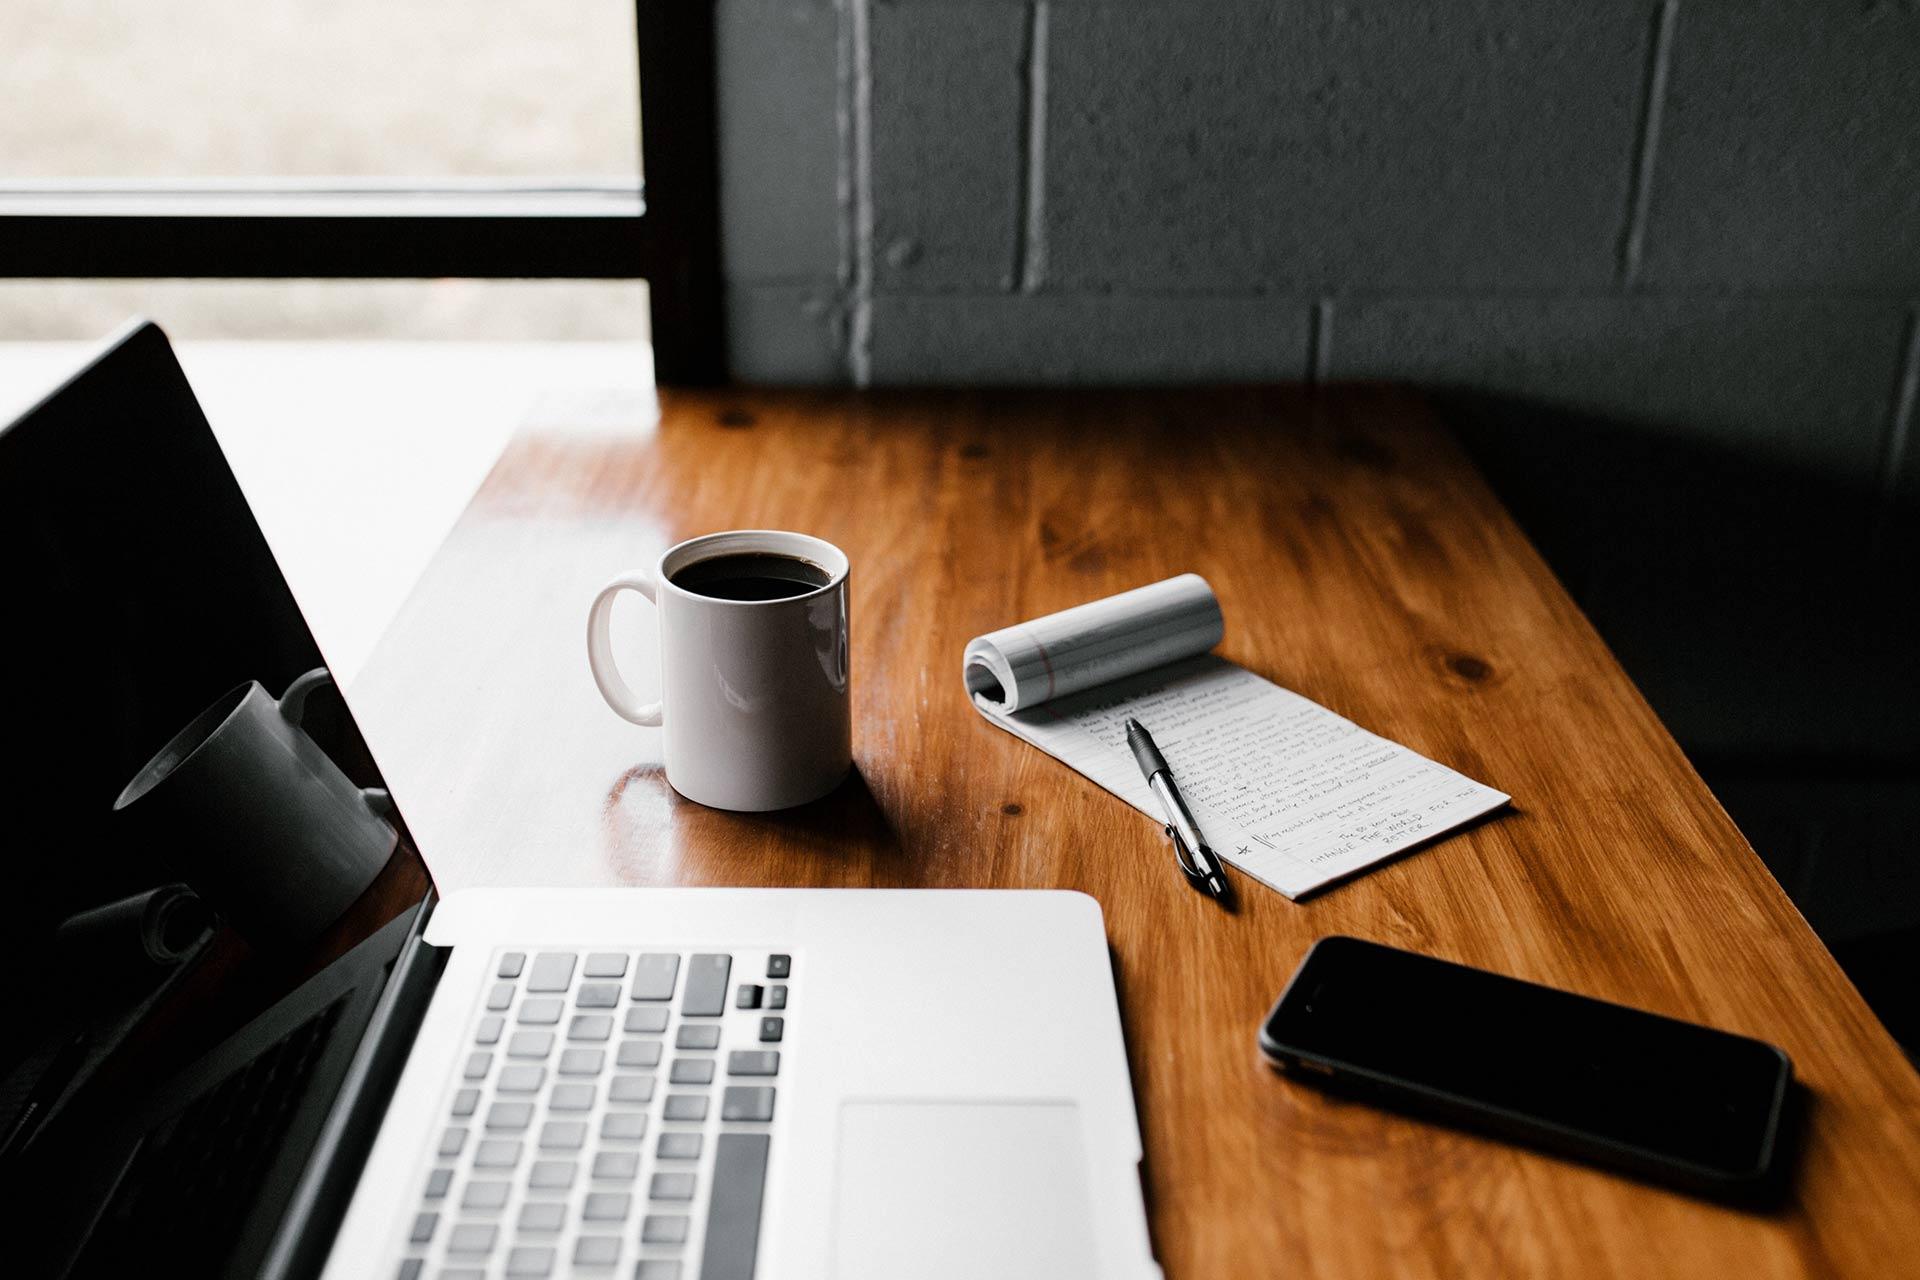 Бесплатный вебинар: Брендинг 2.0. Как с помощью брендинга идти на шаг впереди конкурентов?